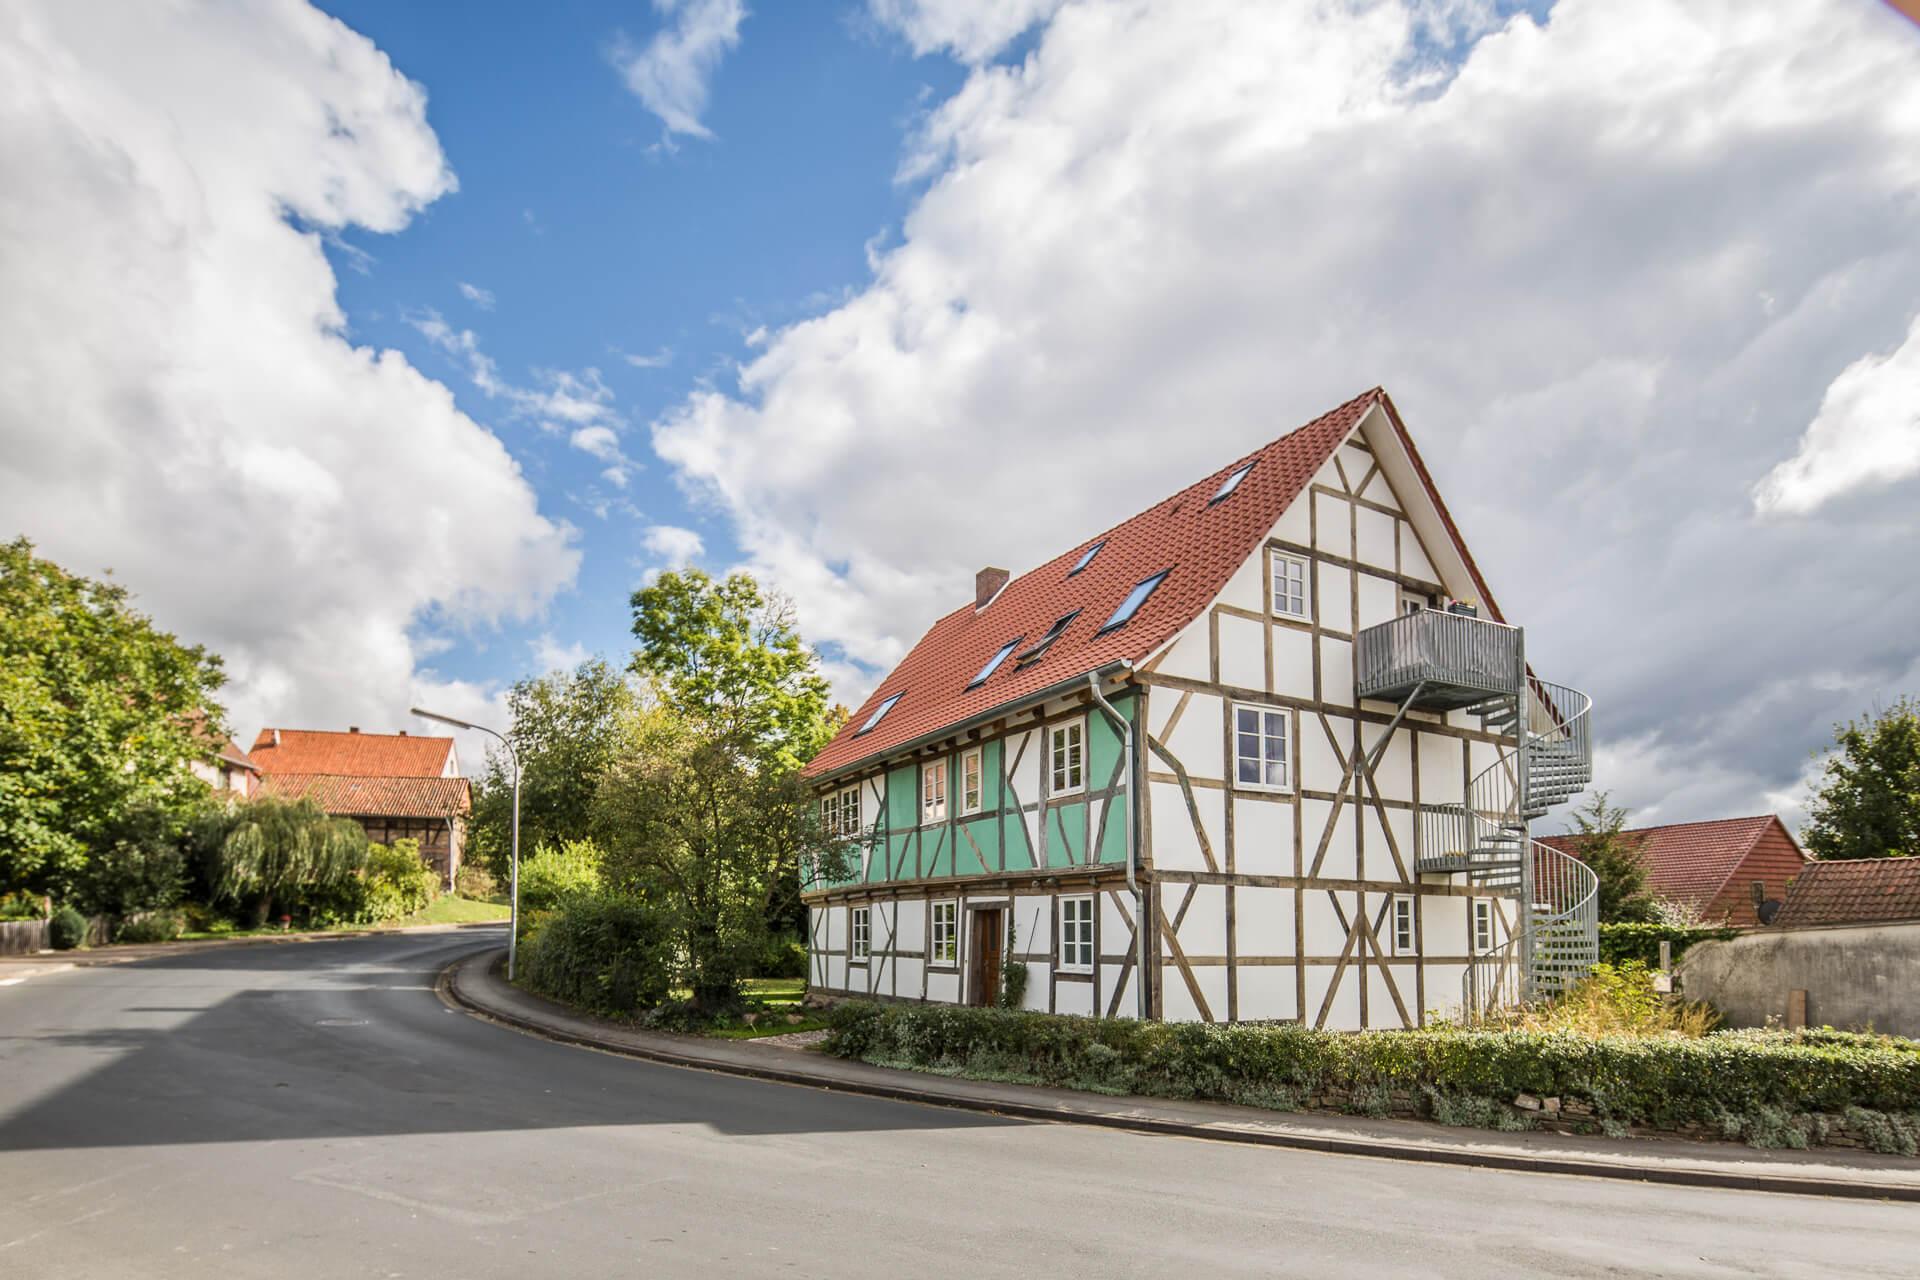 Foto Ryan Baugestaltung Fachwerkhaus Goettingen aussenansicht Fachwerkhaus an der Strasse